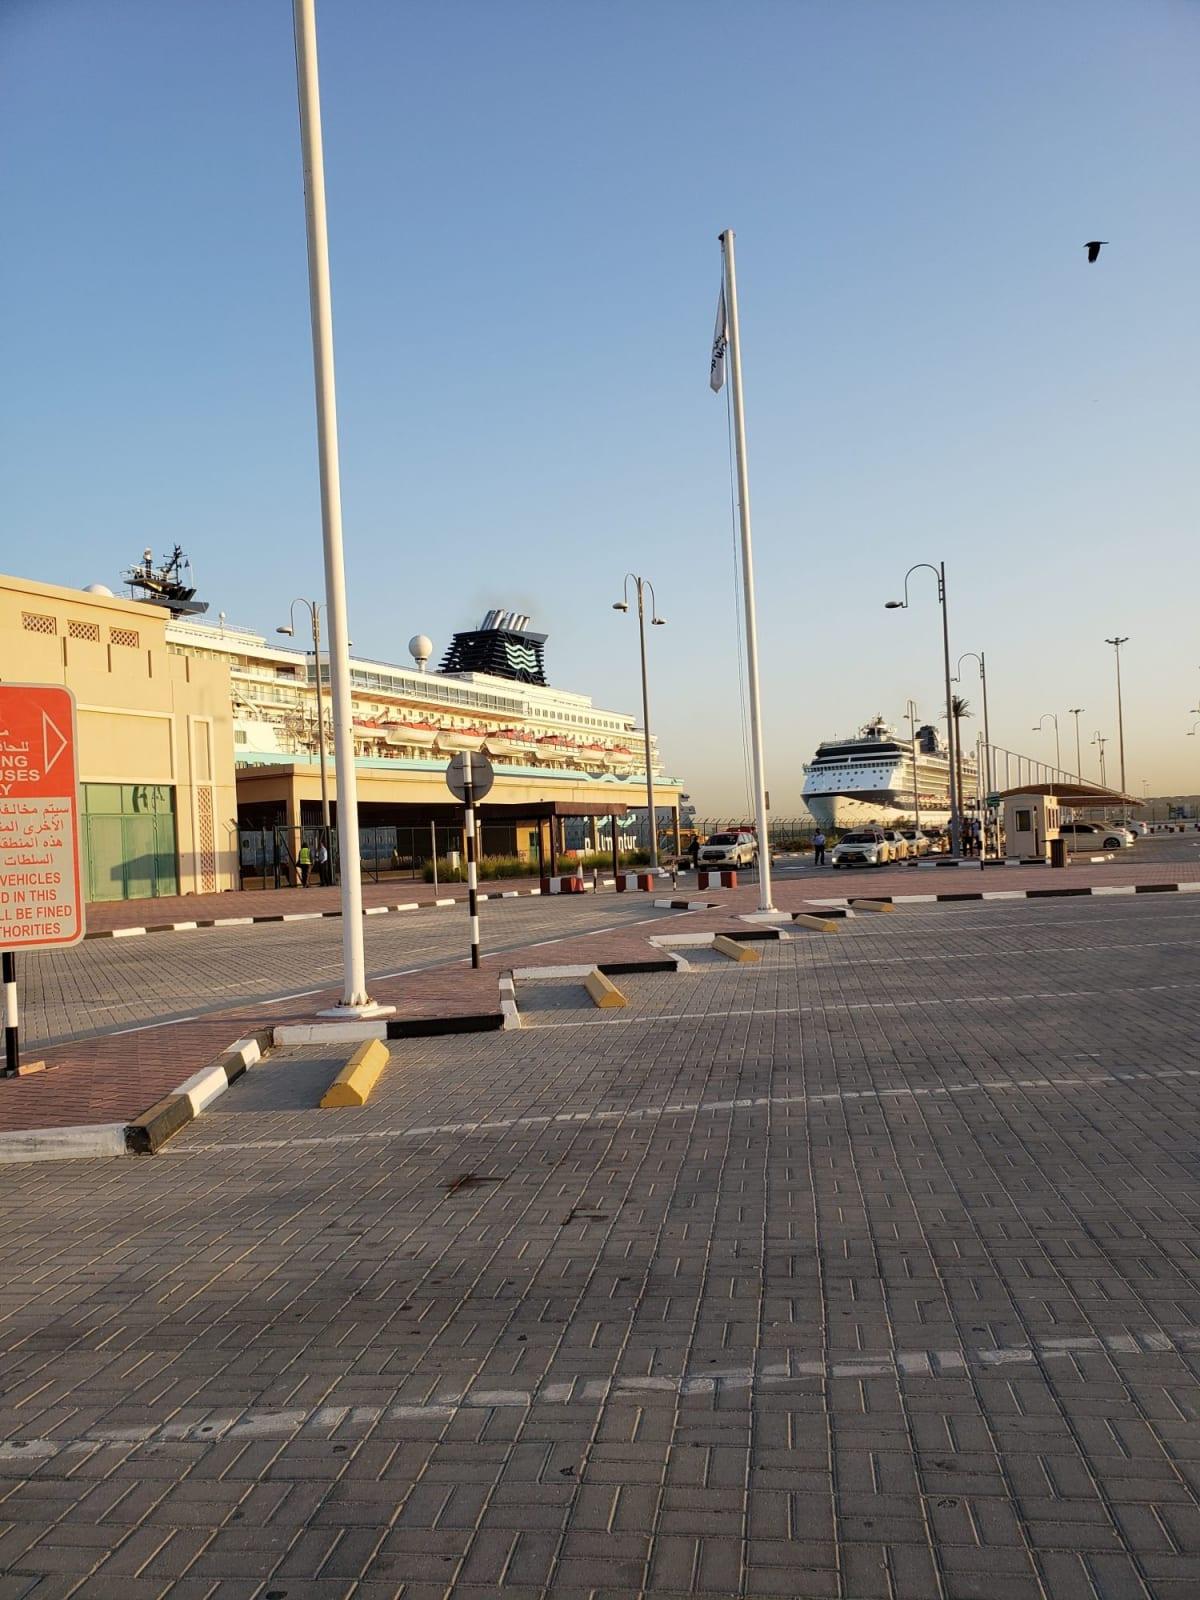 港についてみると広大なところに2つのターミナル。どちらかわかりませんでしたのでスタッフに確認しました。 | ドバイでのプルマントゥール